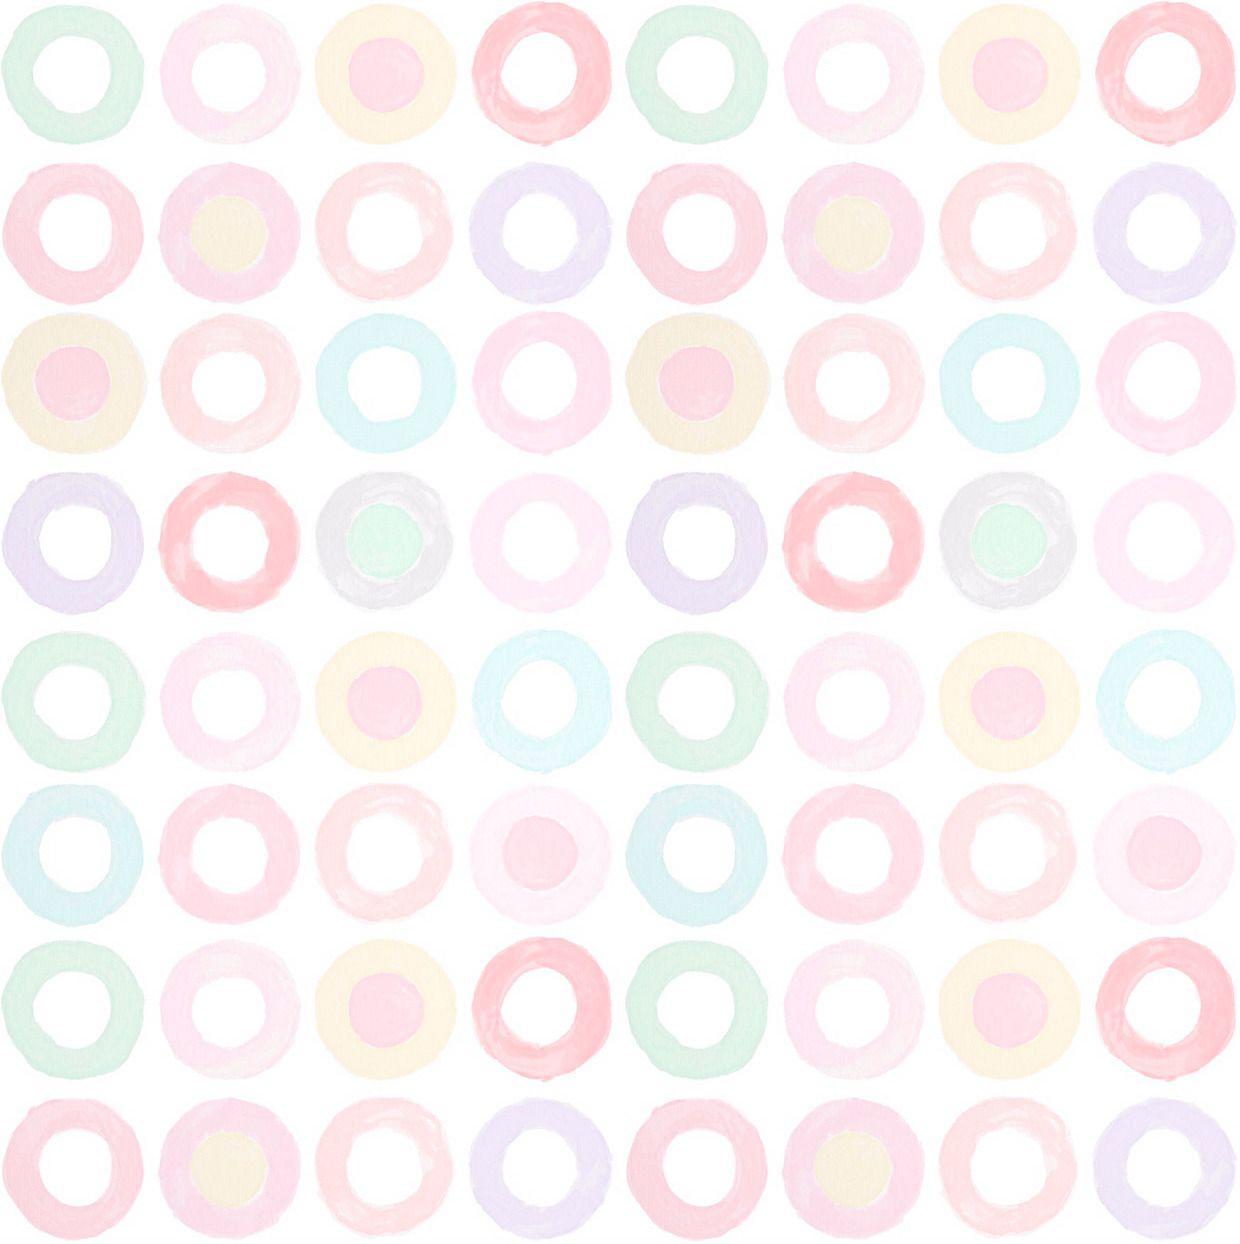 Papel de Parede Adesivo Teca - Candy  - Ideias de Mamãe